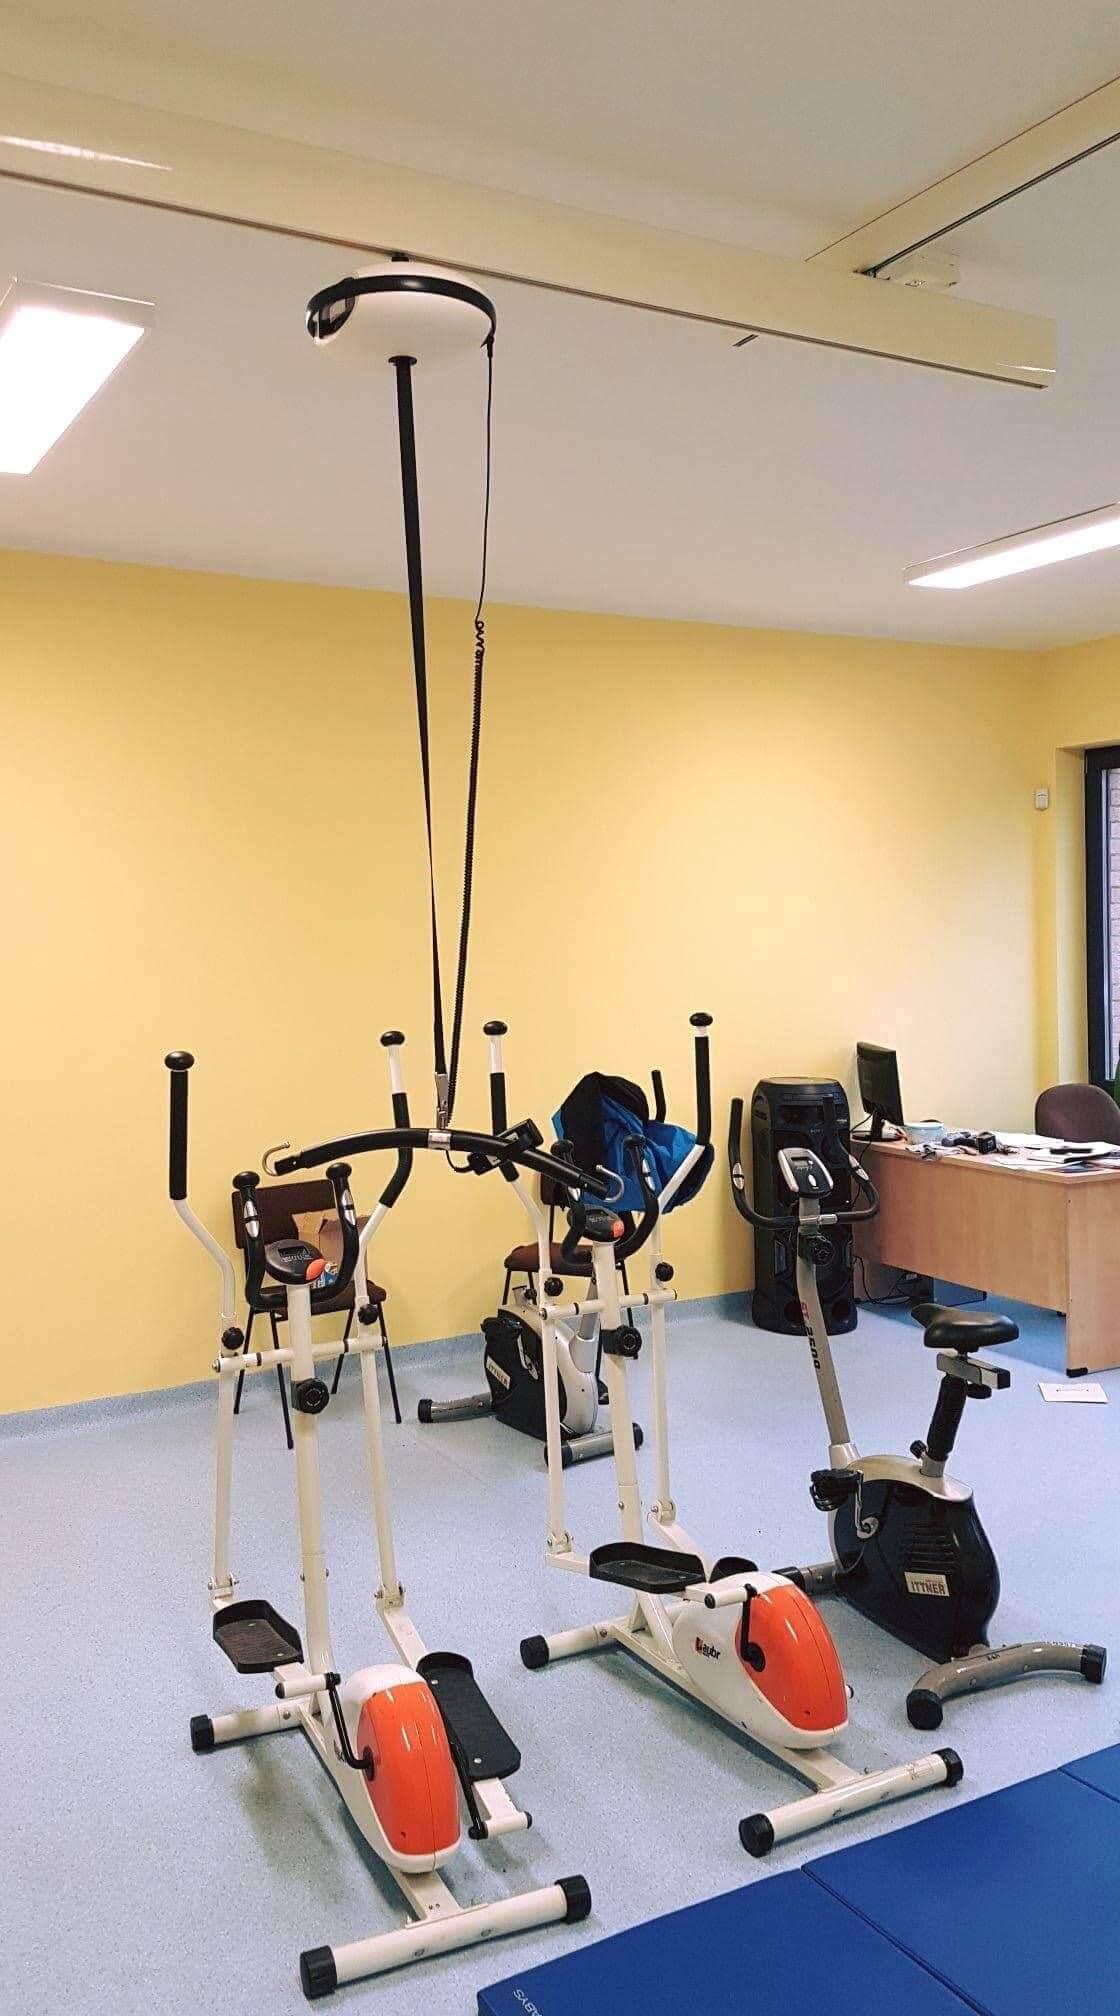 podnośnik sufitowy na sali rehabilitacyjnej